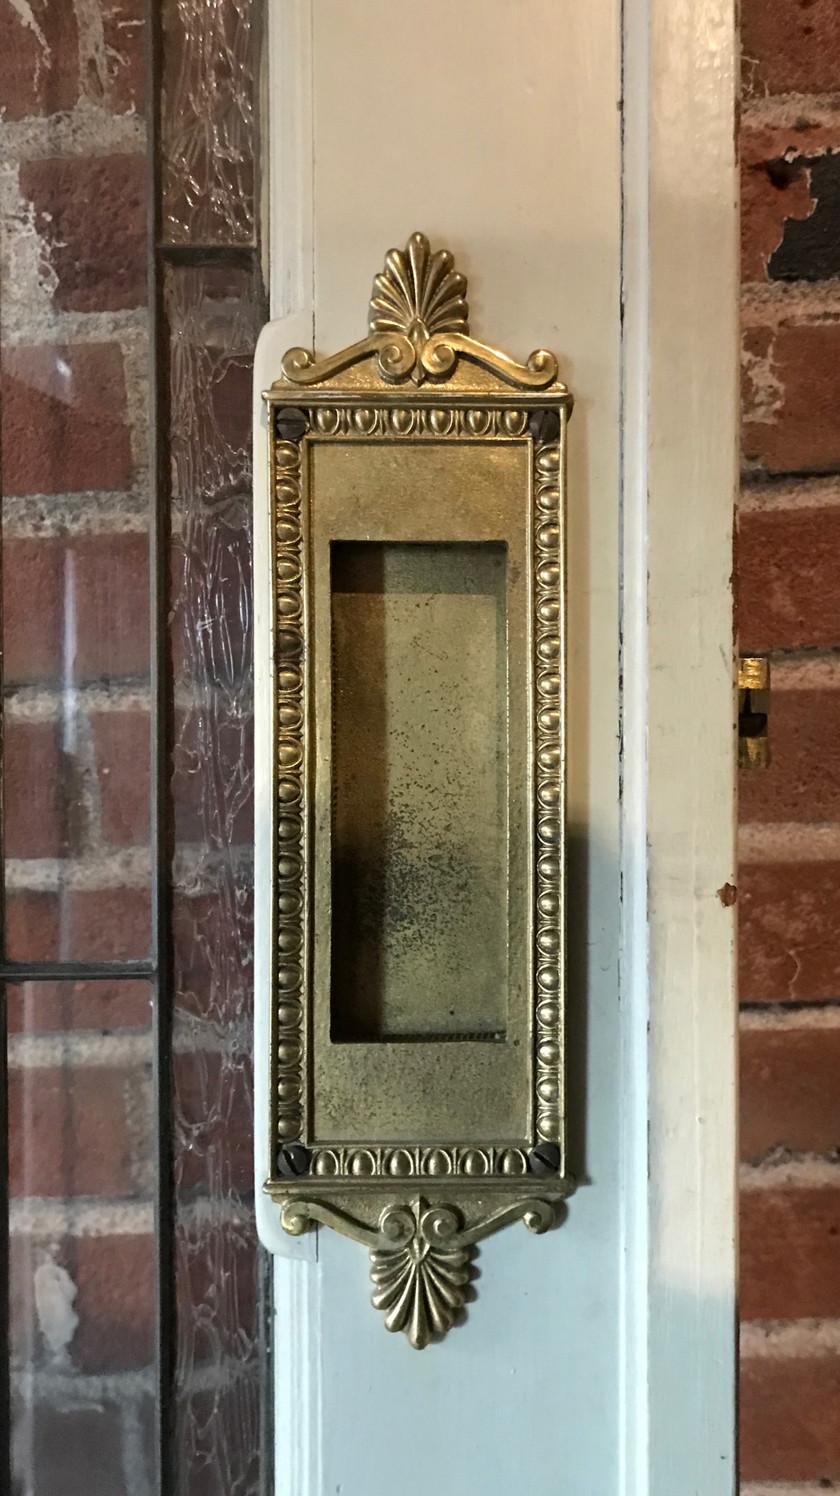 Original door hardware on the lead glass and inlay door.